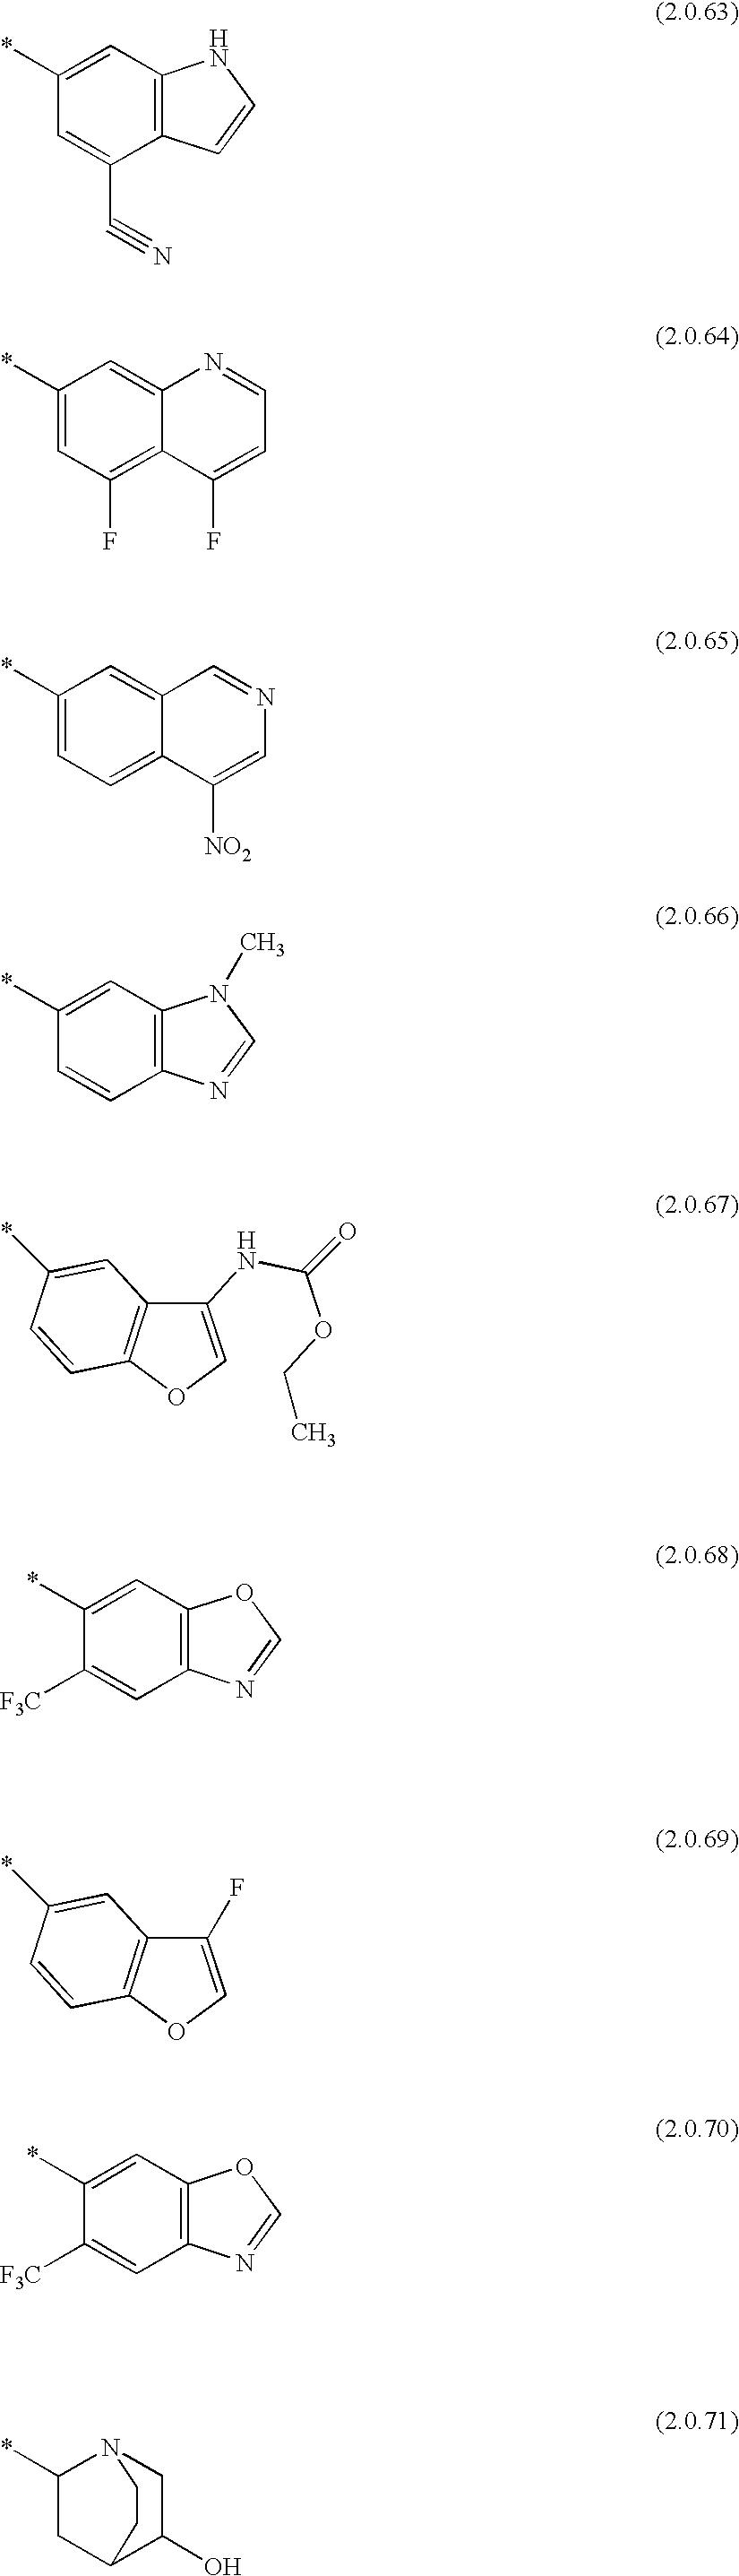 Figure US20030186974A1-20031002-C00115